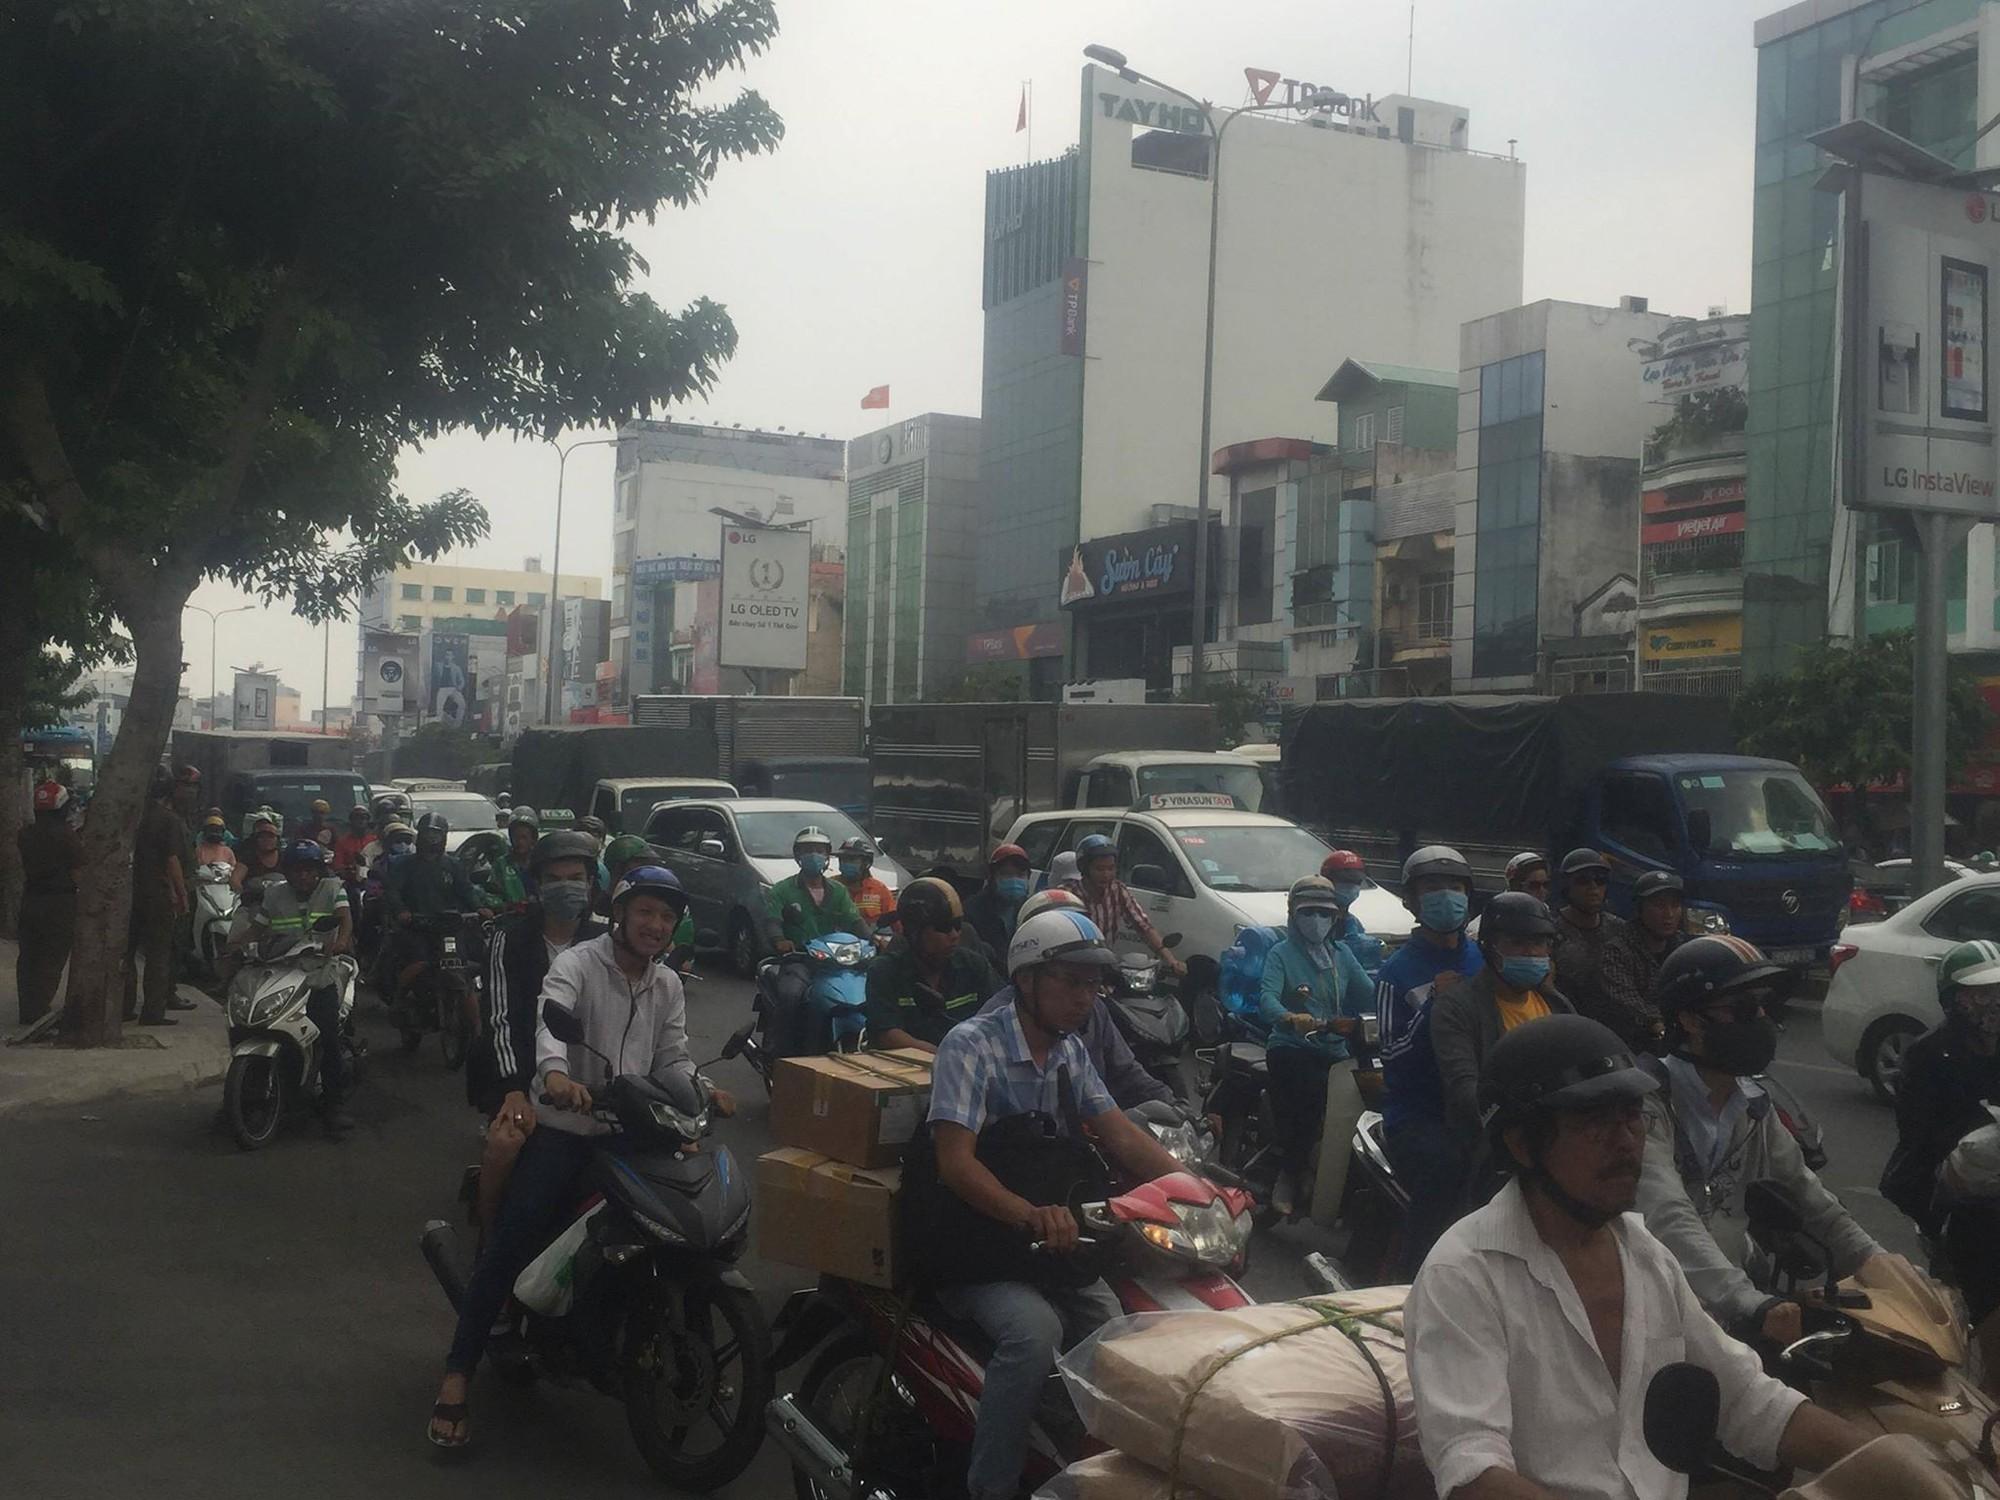 Sau va chạm trên đường, xe taxi tông mạnh vào gốc cây xanh ở Sài Gòn khiến 2 người nhập viện cấp cứu-4